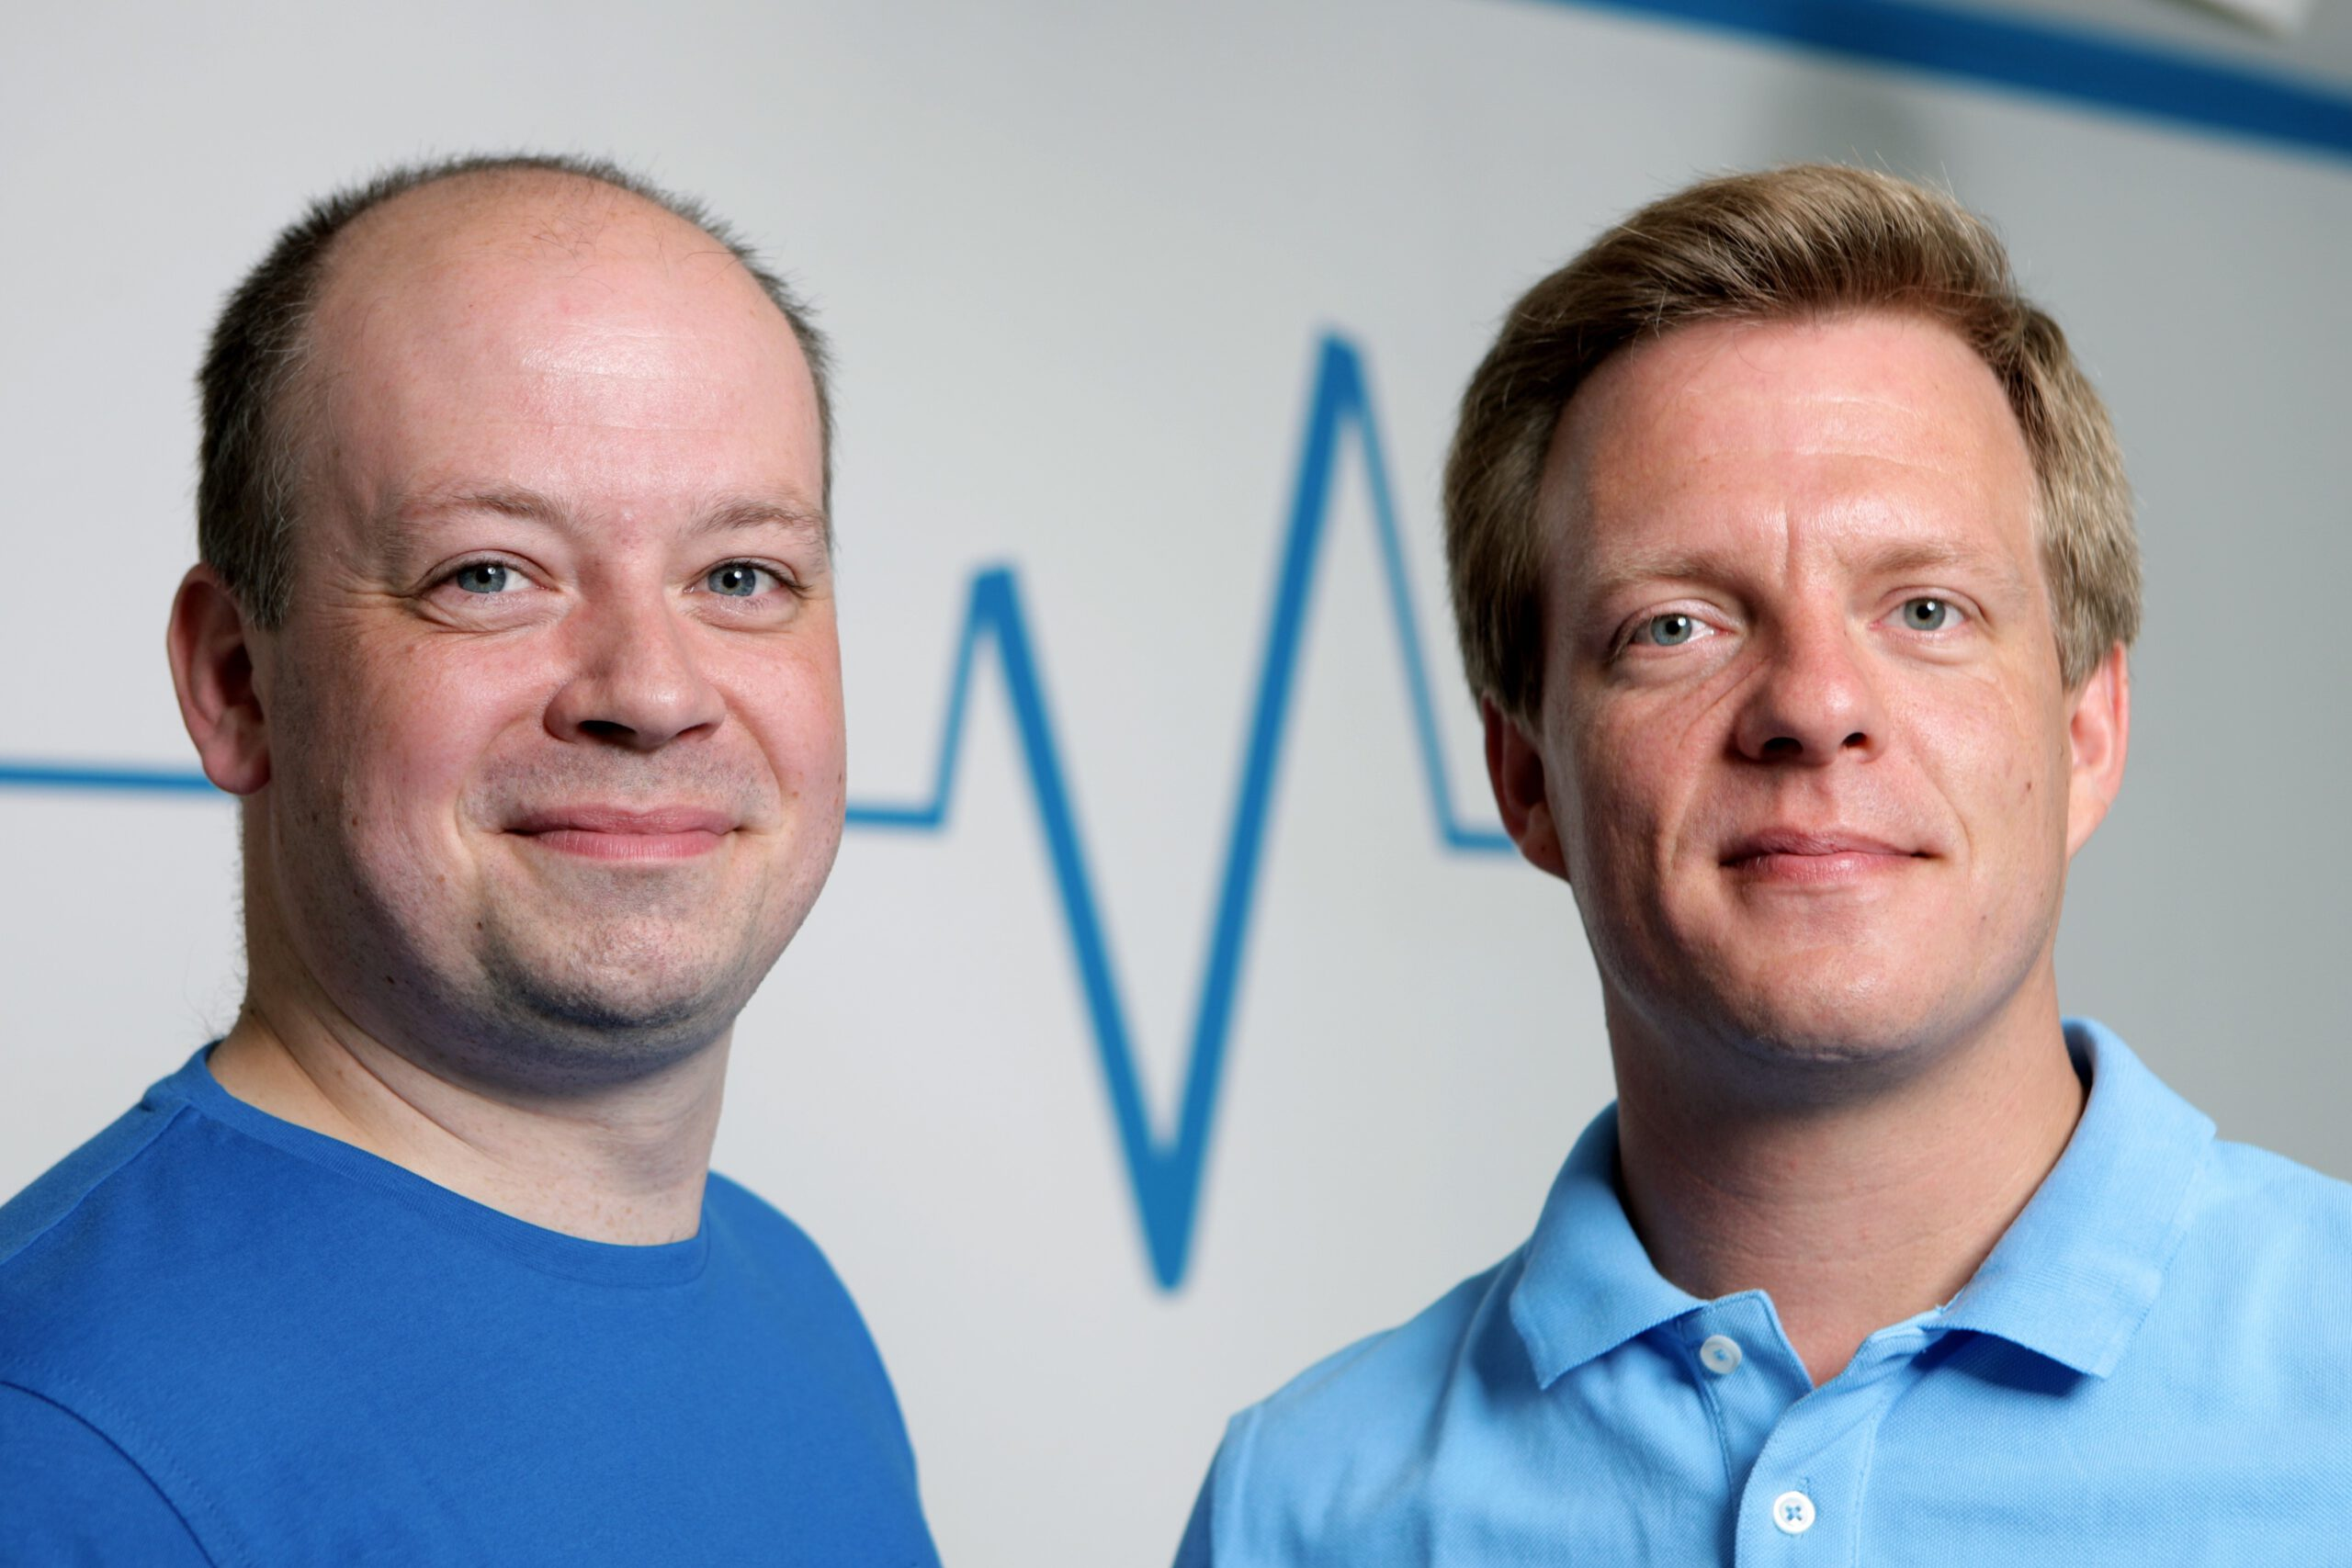 Der CEO, Matthias Goßmann, und CTO, Peter Linder, der innoVitro GmbH. (Bild: innoVitro GmbH).